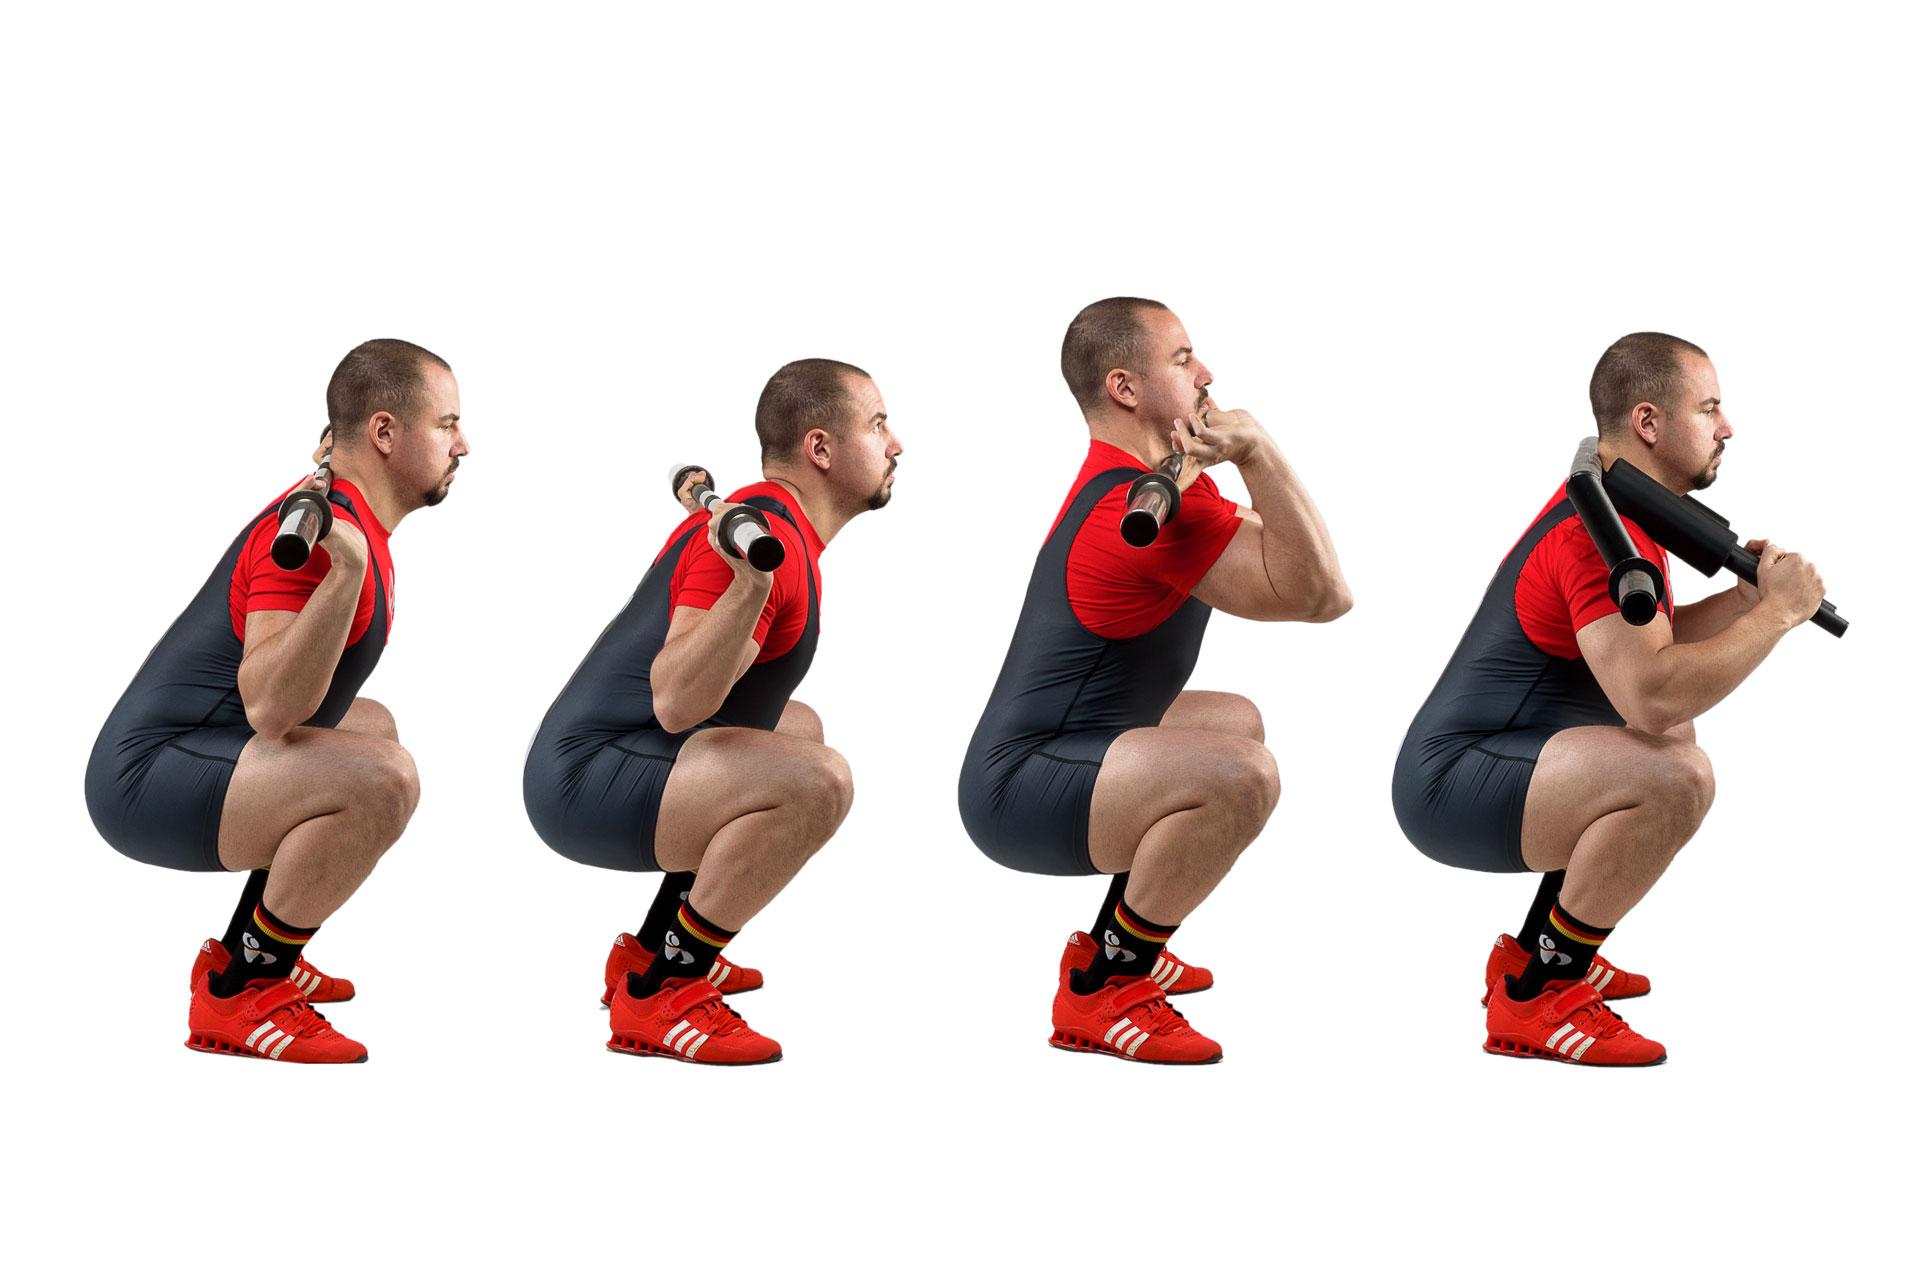 Arten der Kniebeugen